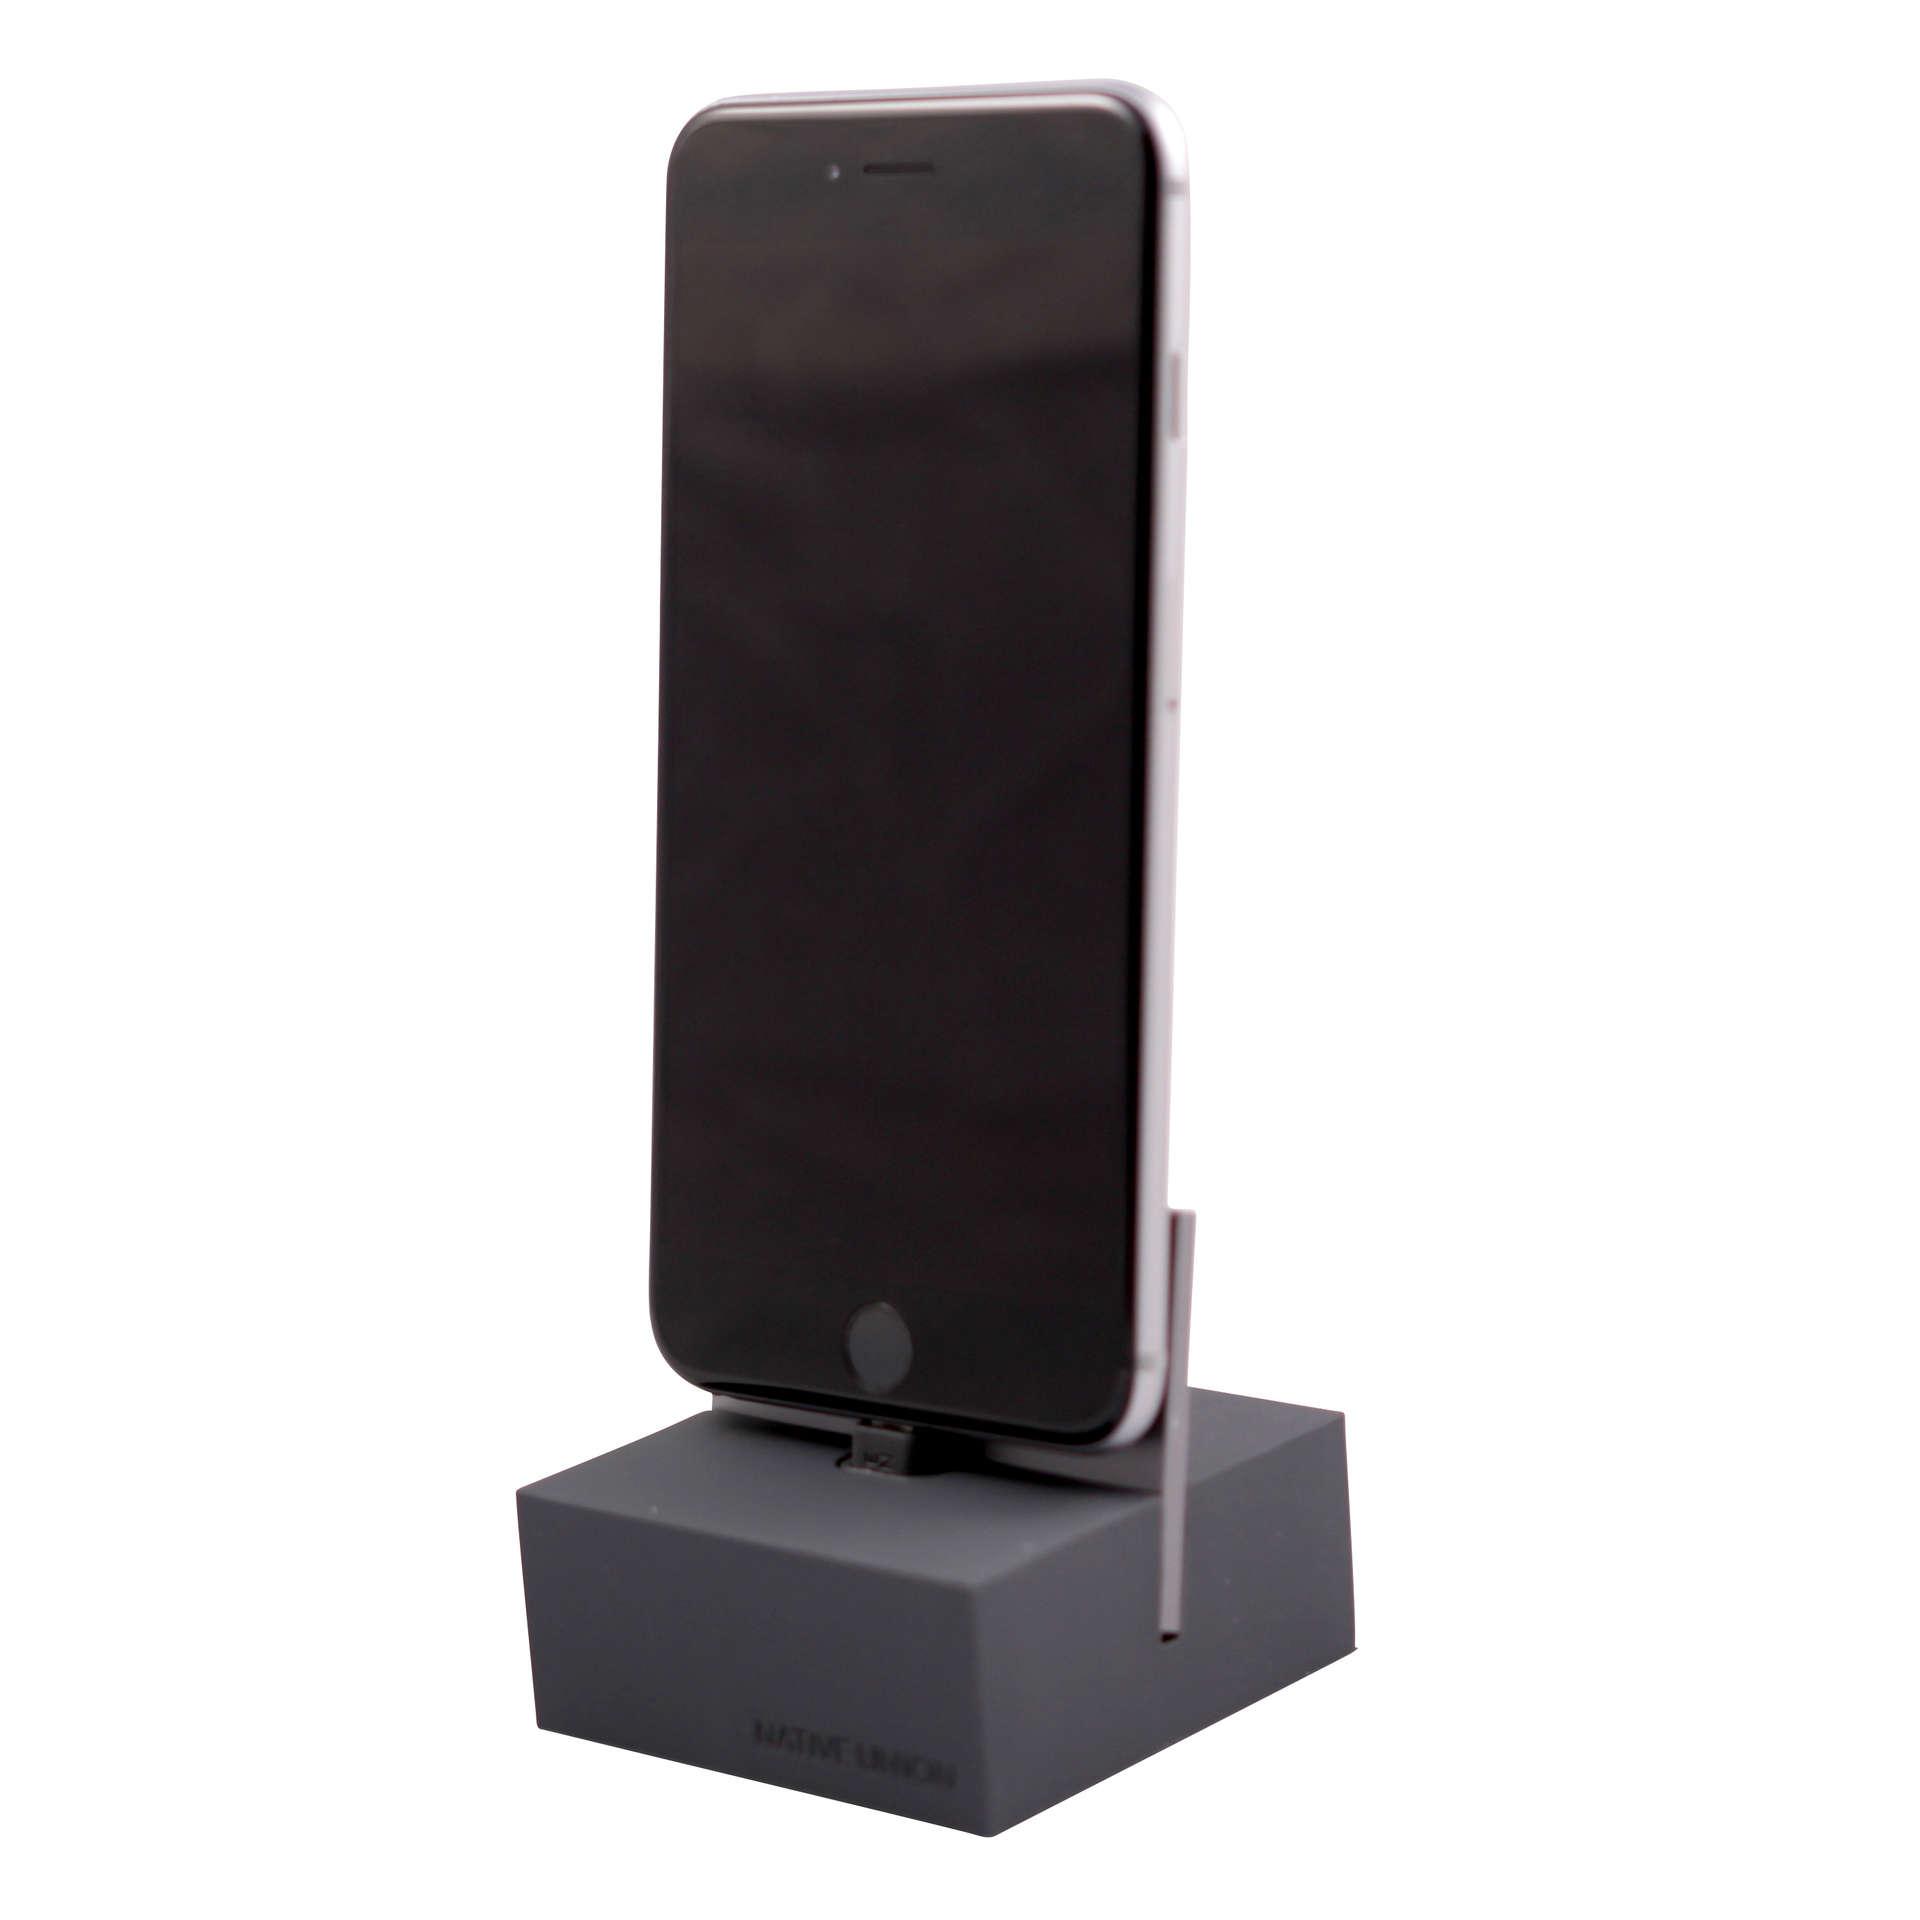 NU iPhone Dock Plus